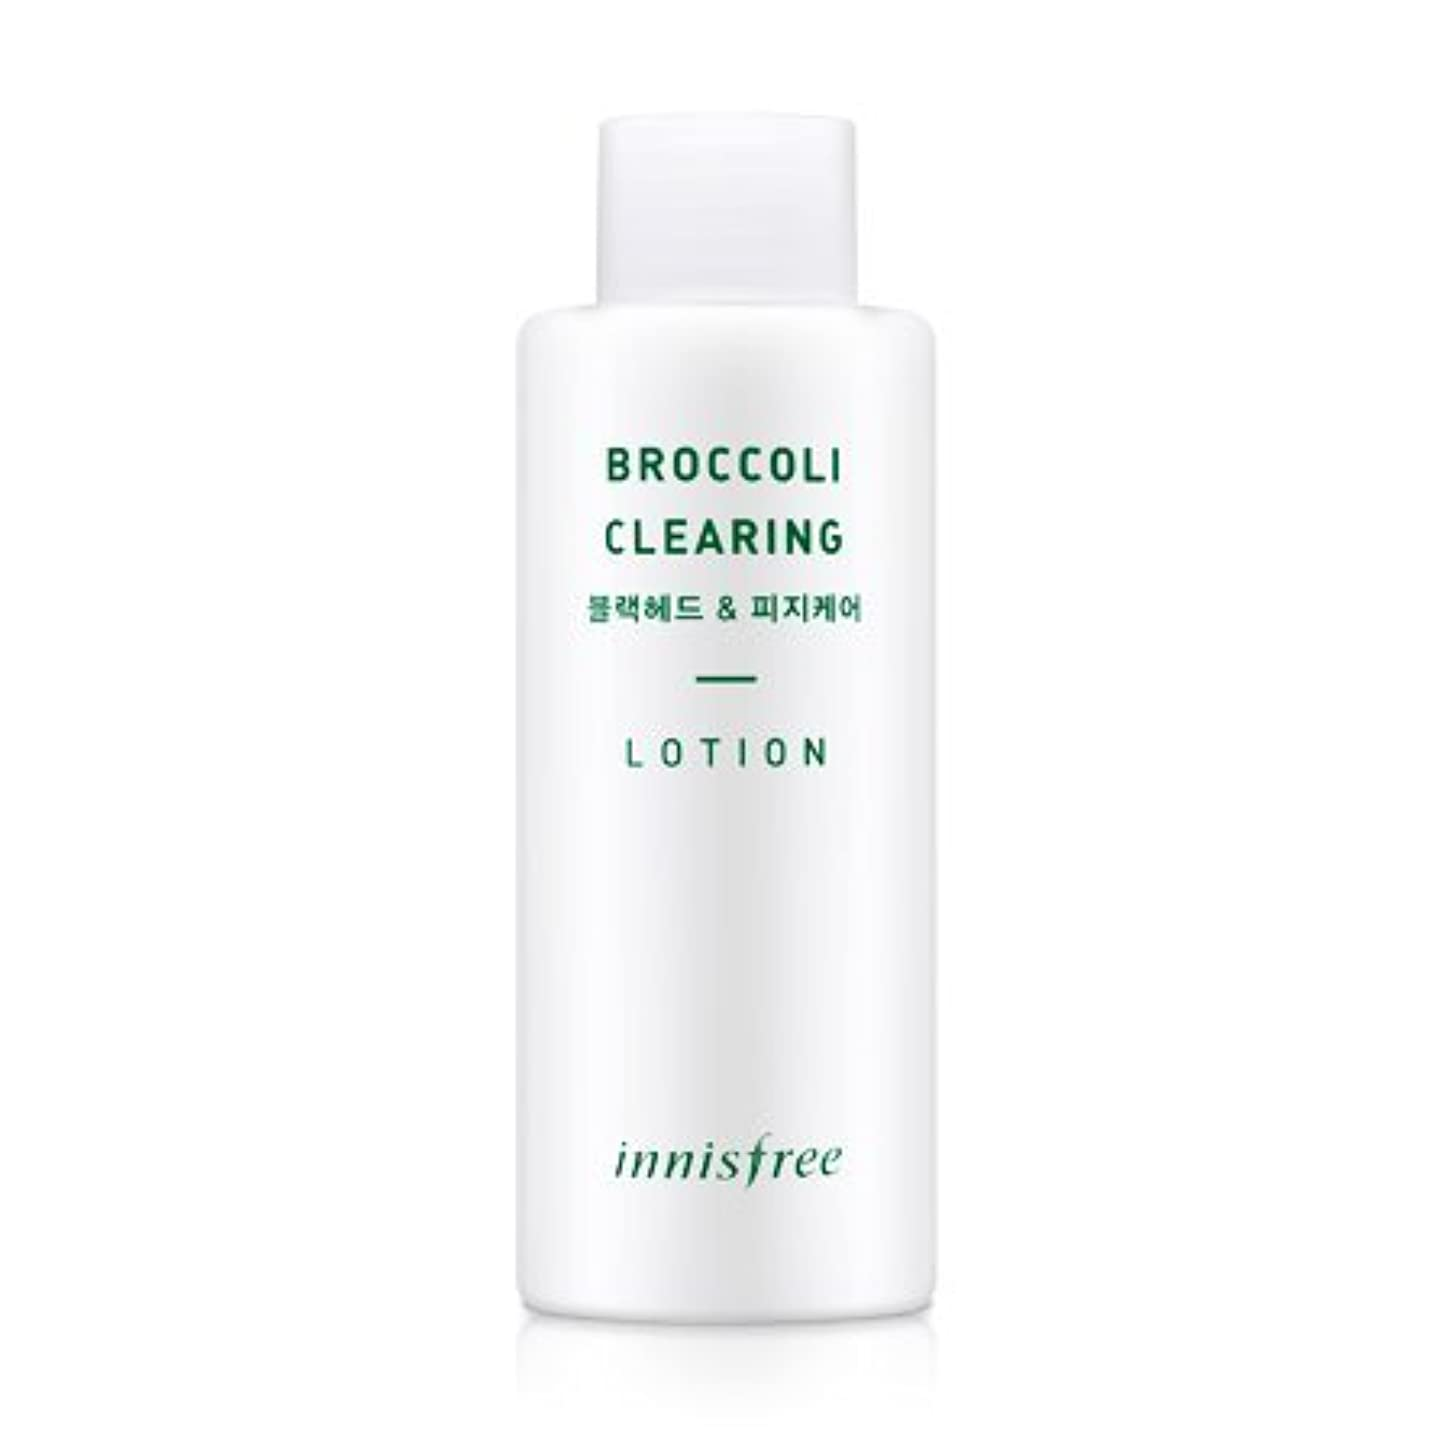 担保明らかミント[innisfree(イニスフリー)] Super food_ Broccoli clearing lotion (130ml) スーパーフード_ブロッコリー クリアリング?ローション[並行輸入品][海外直送品]